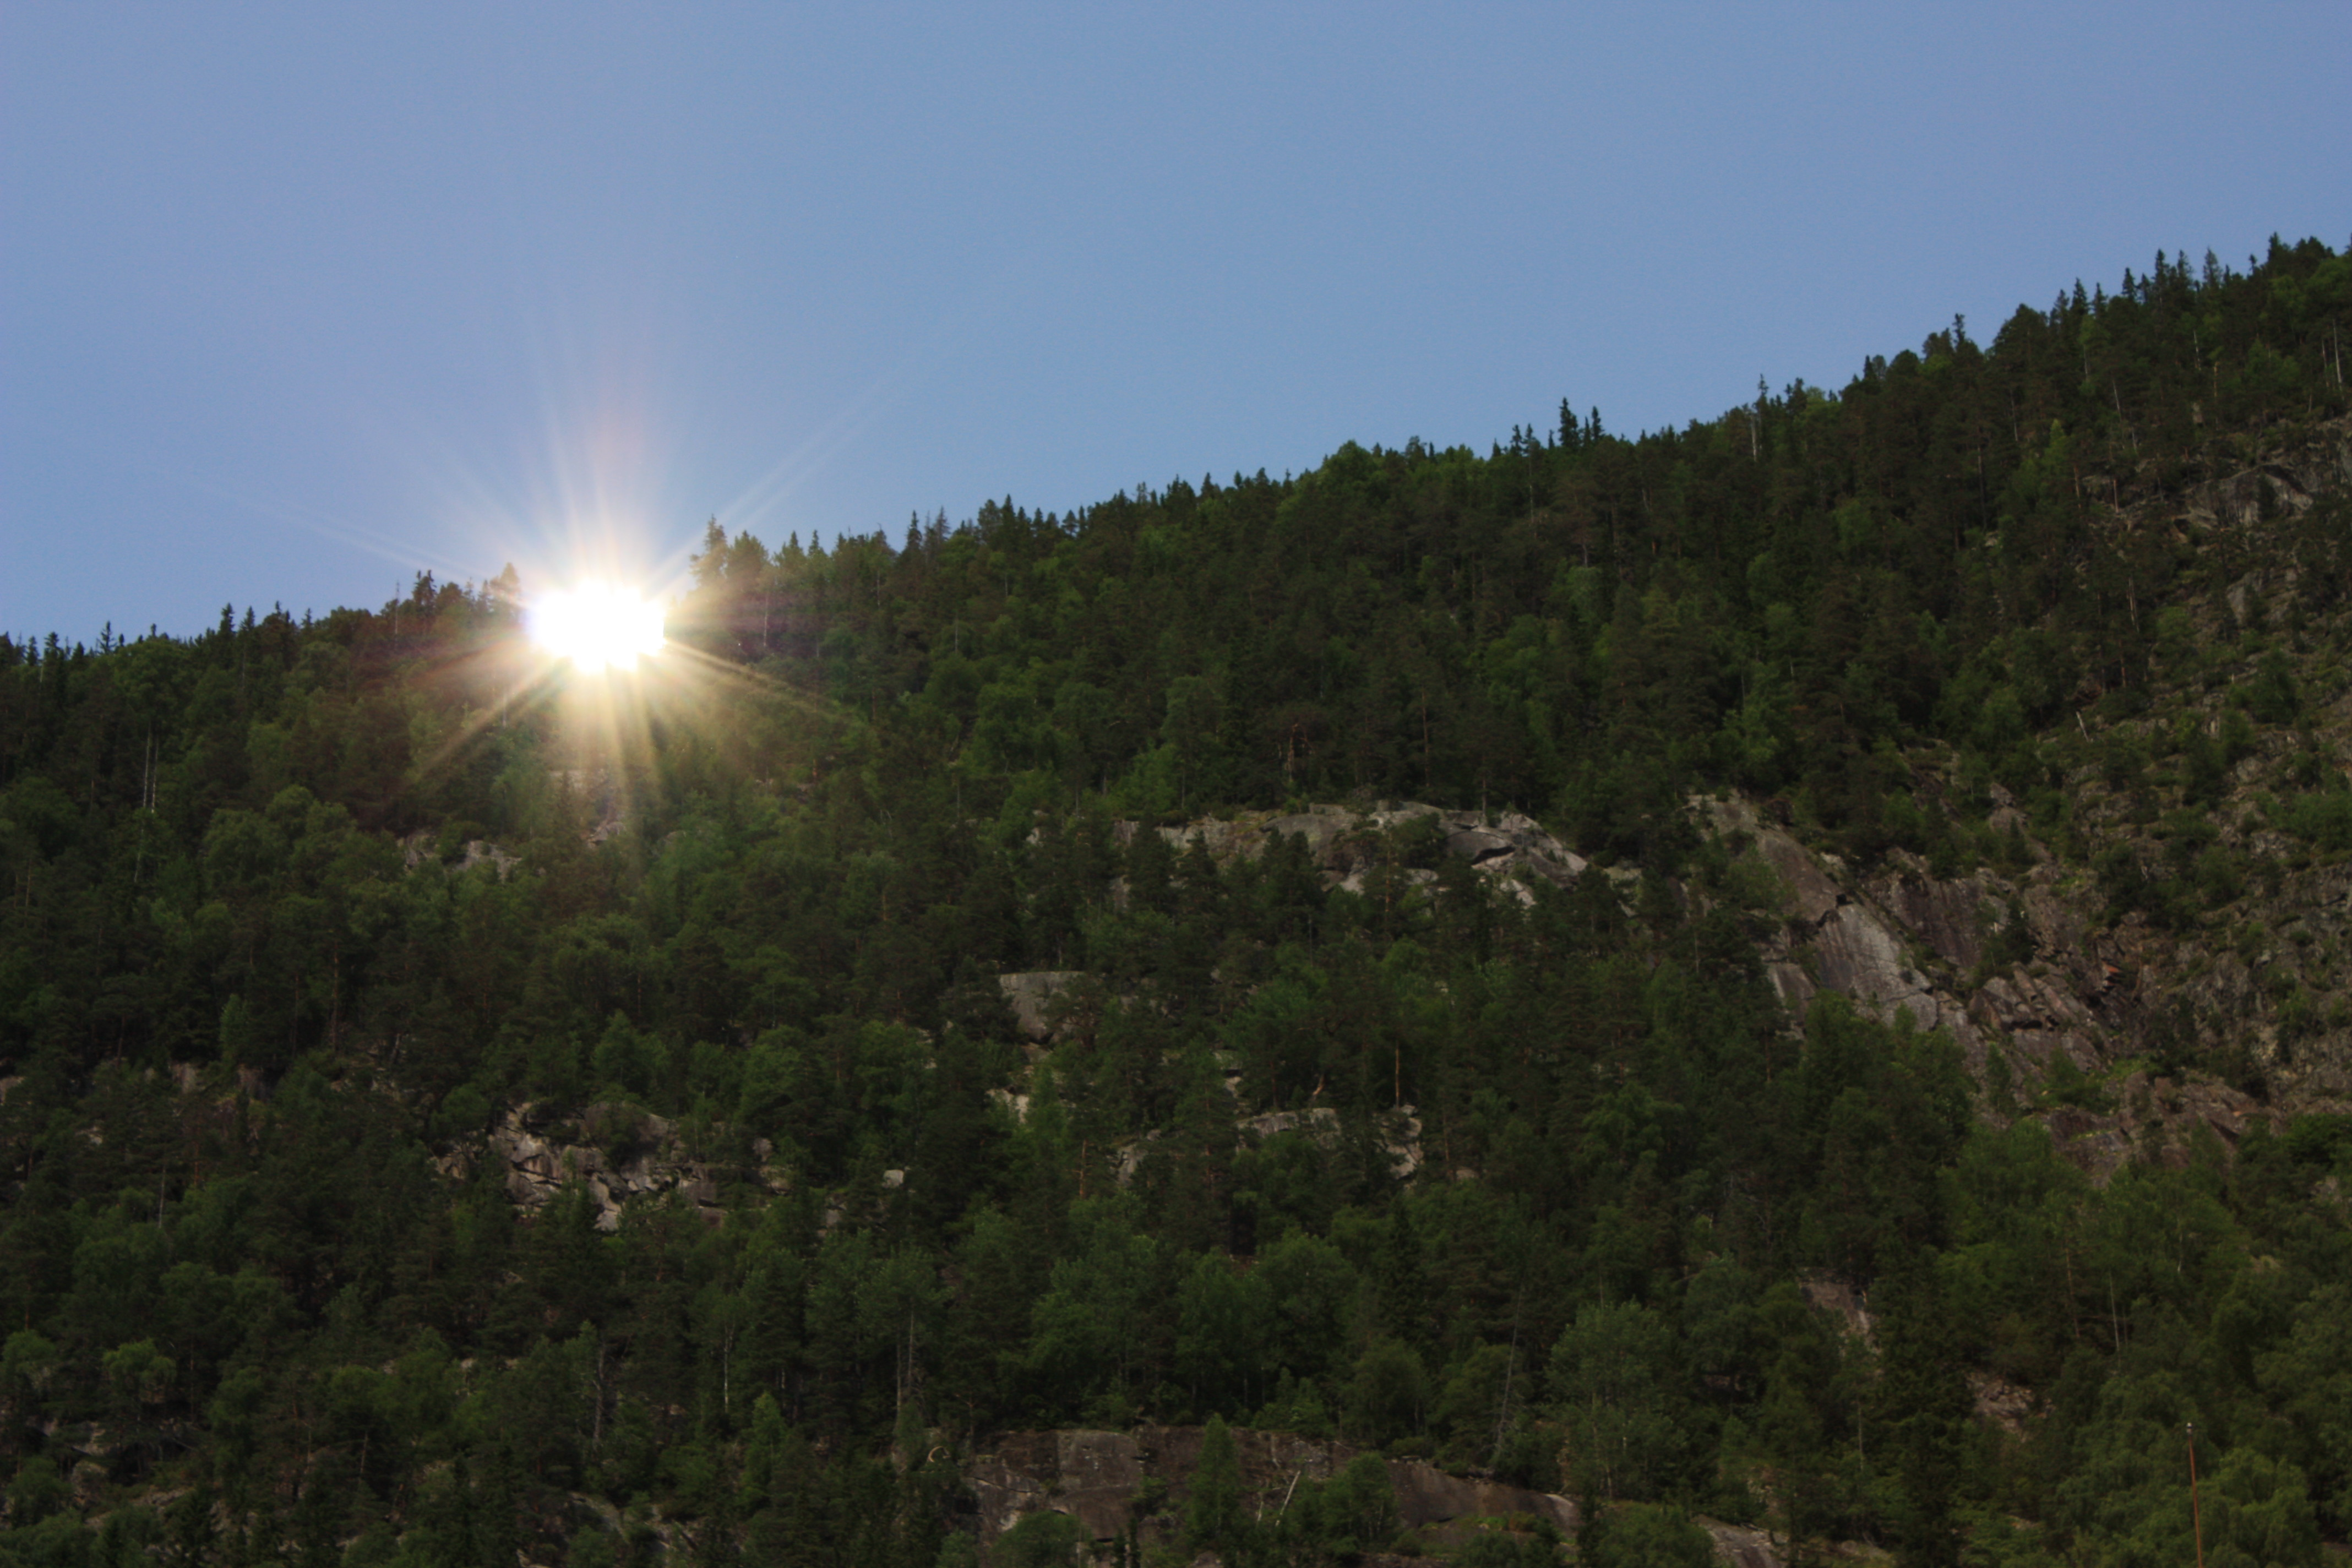 Solspeilet reflekterer foto Tinn kommune